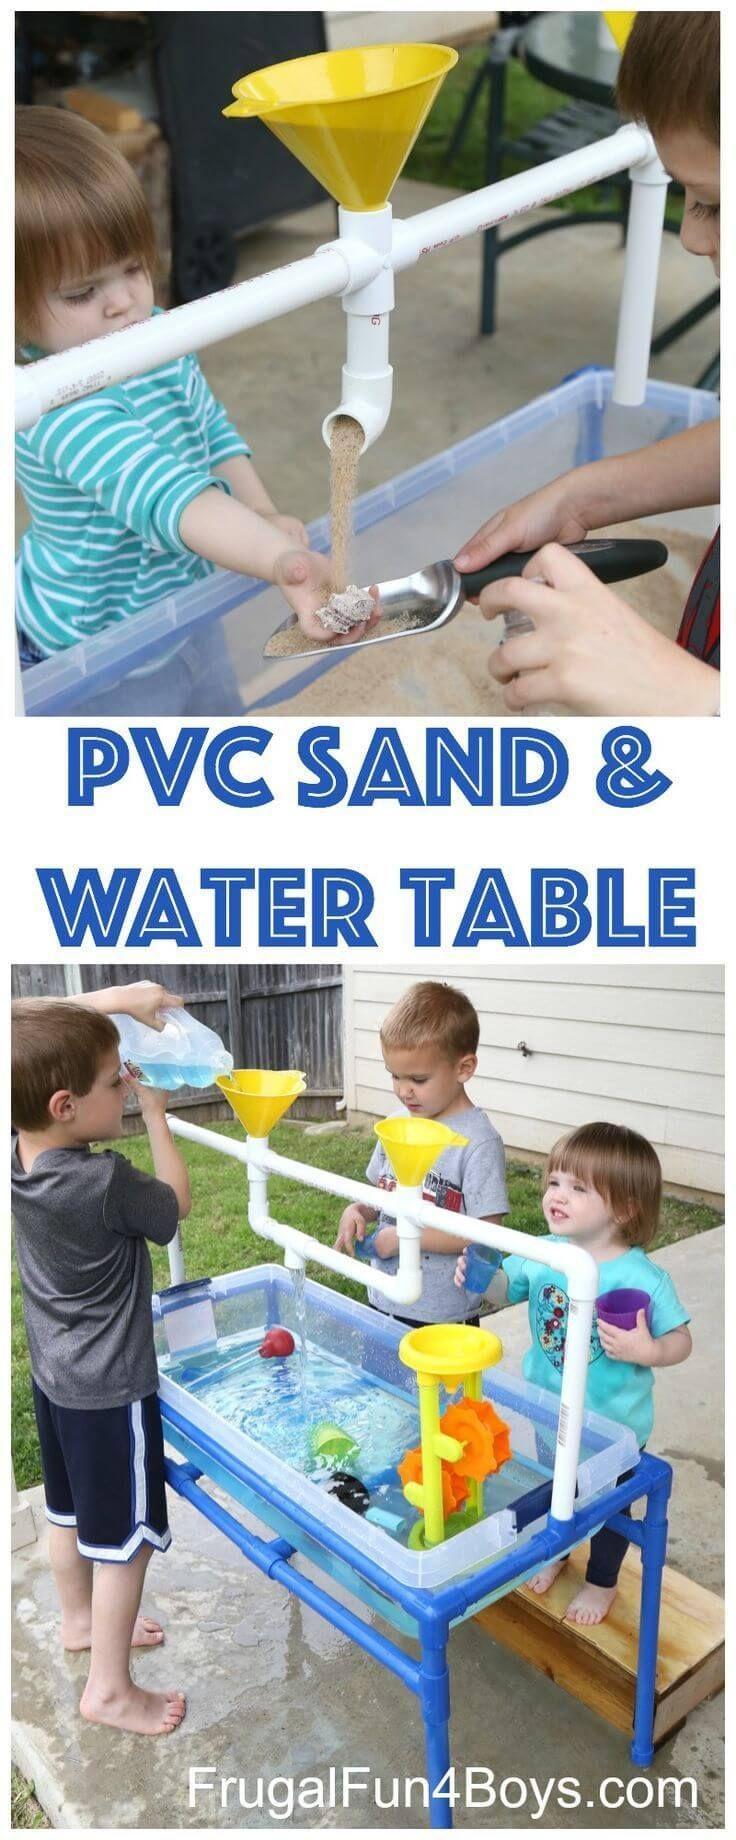 Außergewöhnlich Kindergarten Ideen Dekoration Von Diy Backyard Ideas For Ing Pvc